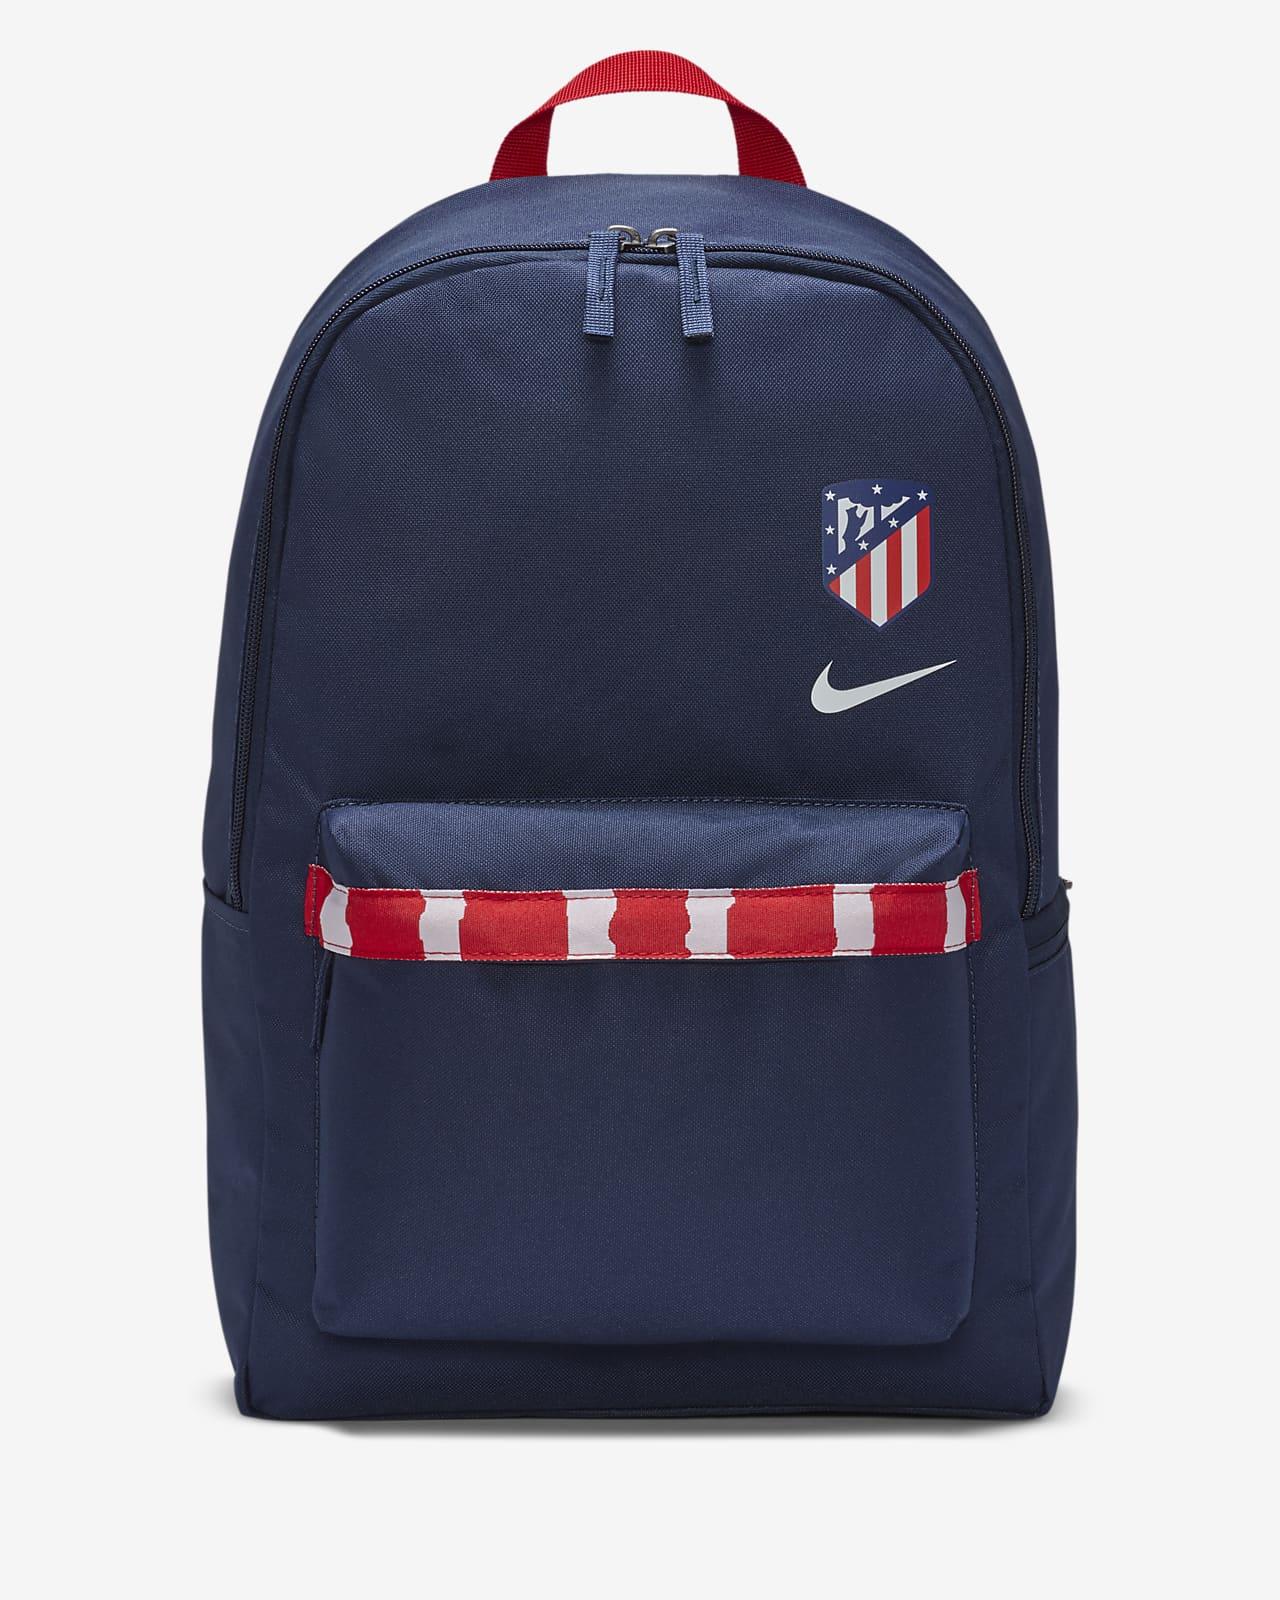 Atlético de Madrid Stadium Football Backpack